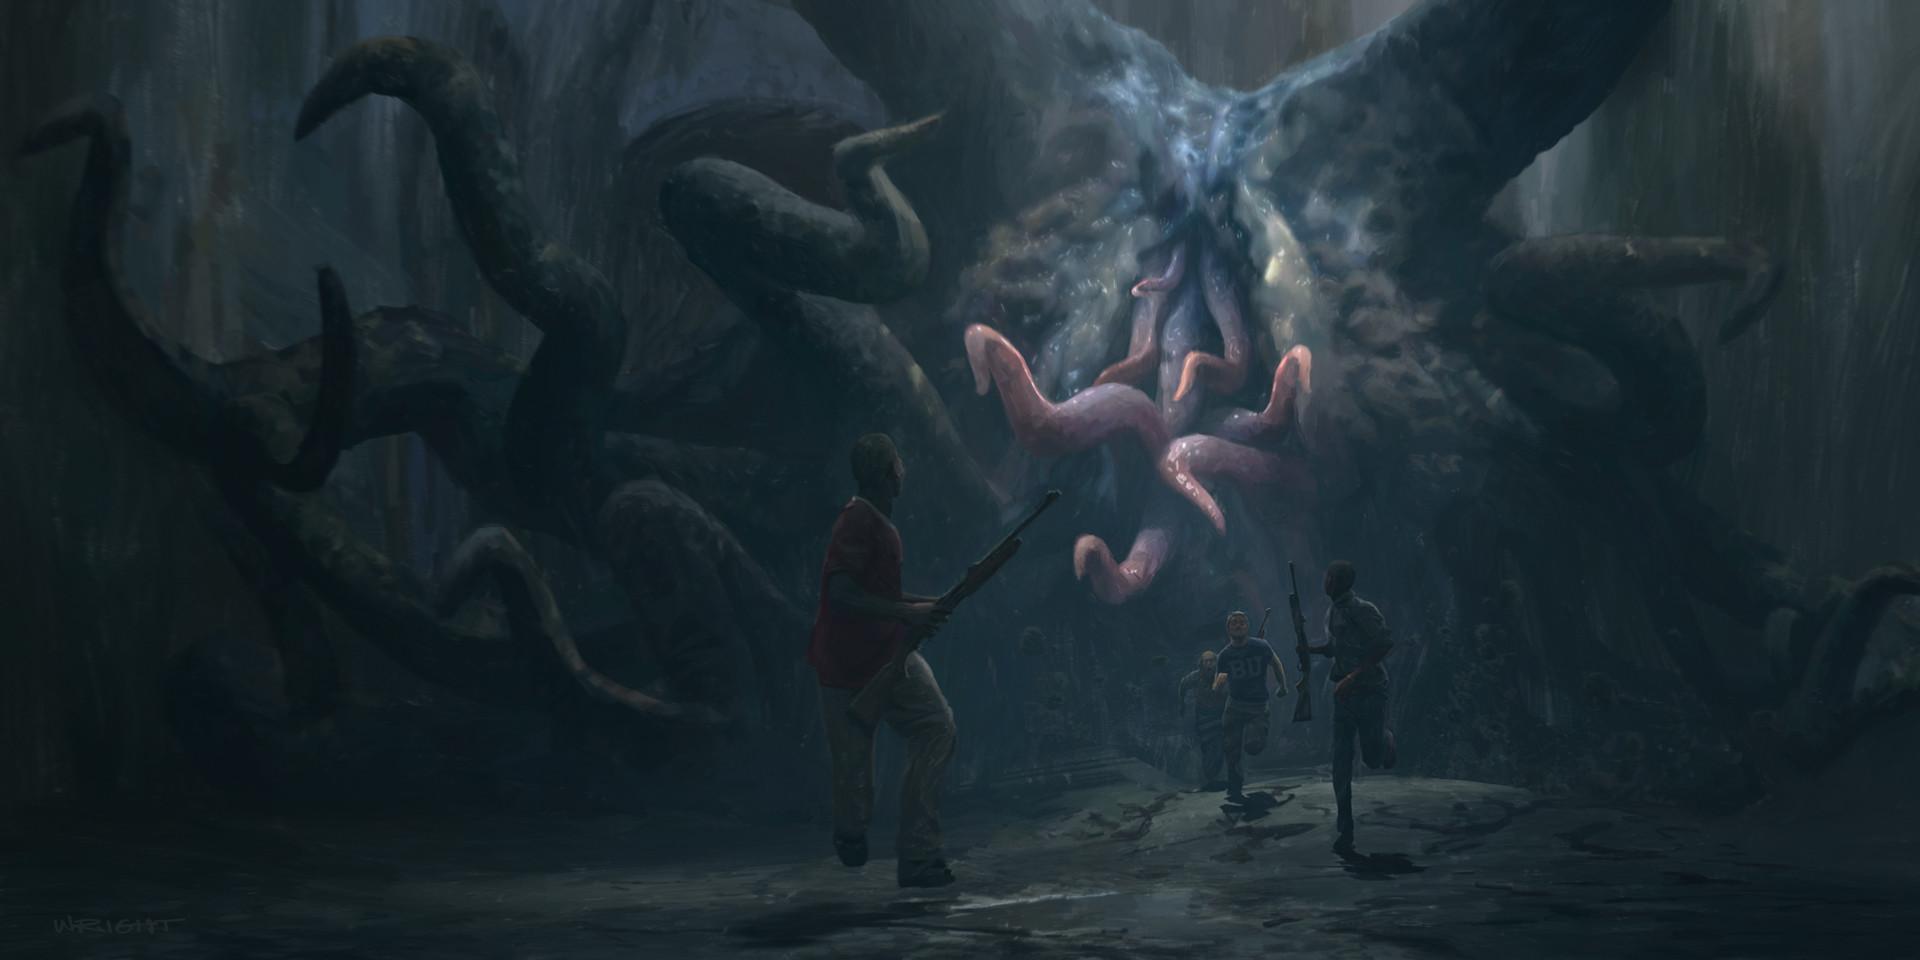 Richard wright cthulhu sewer monster